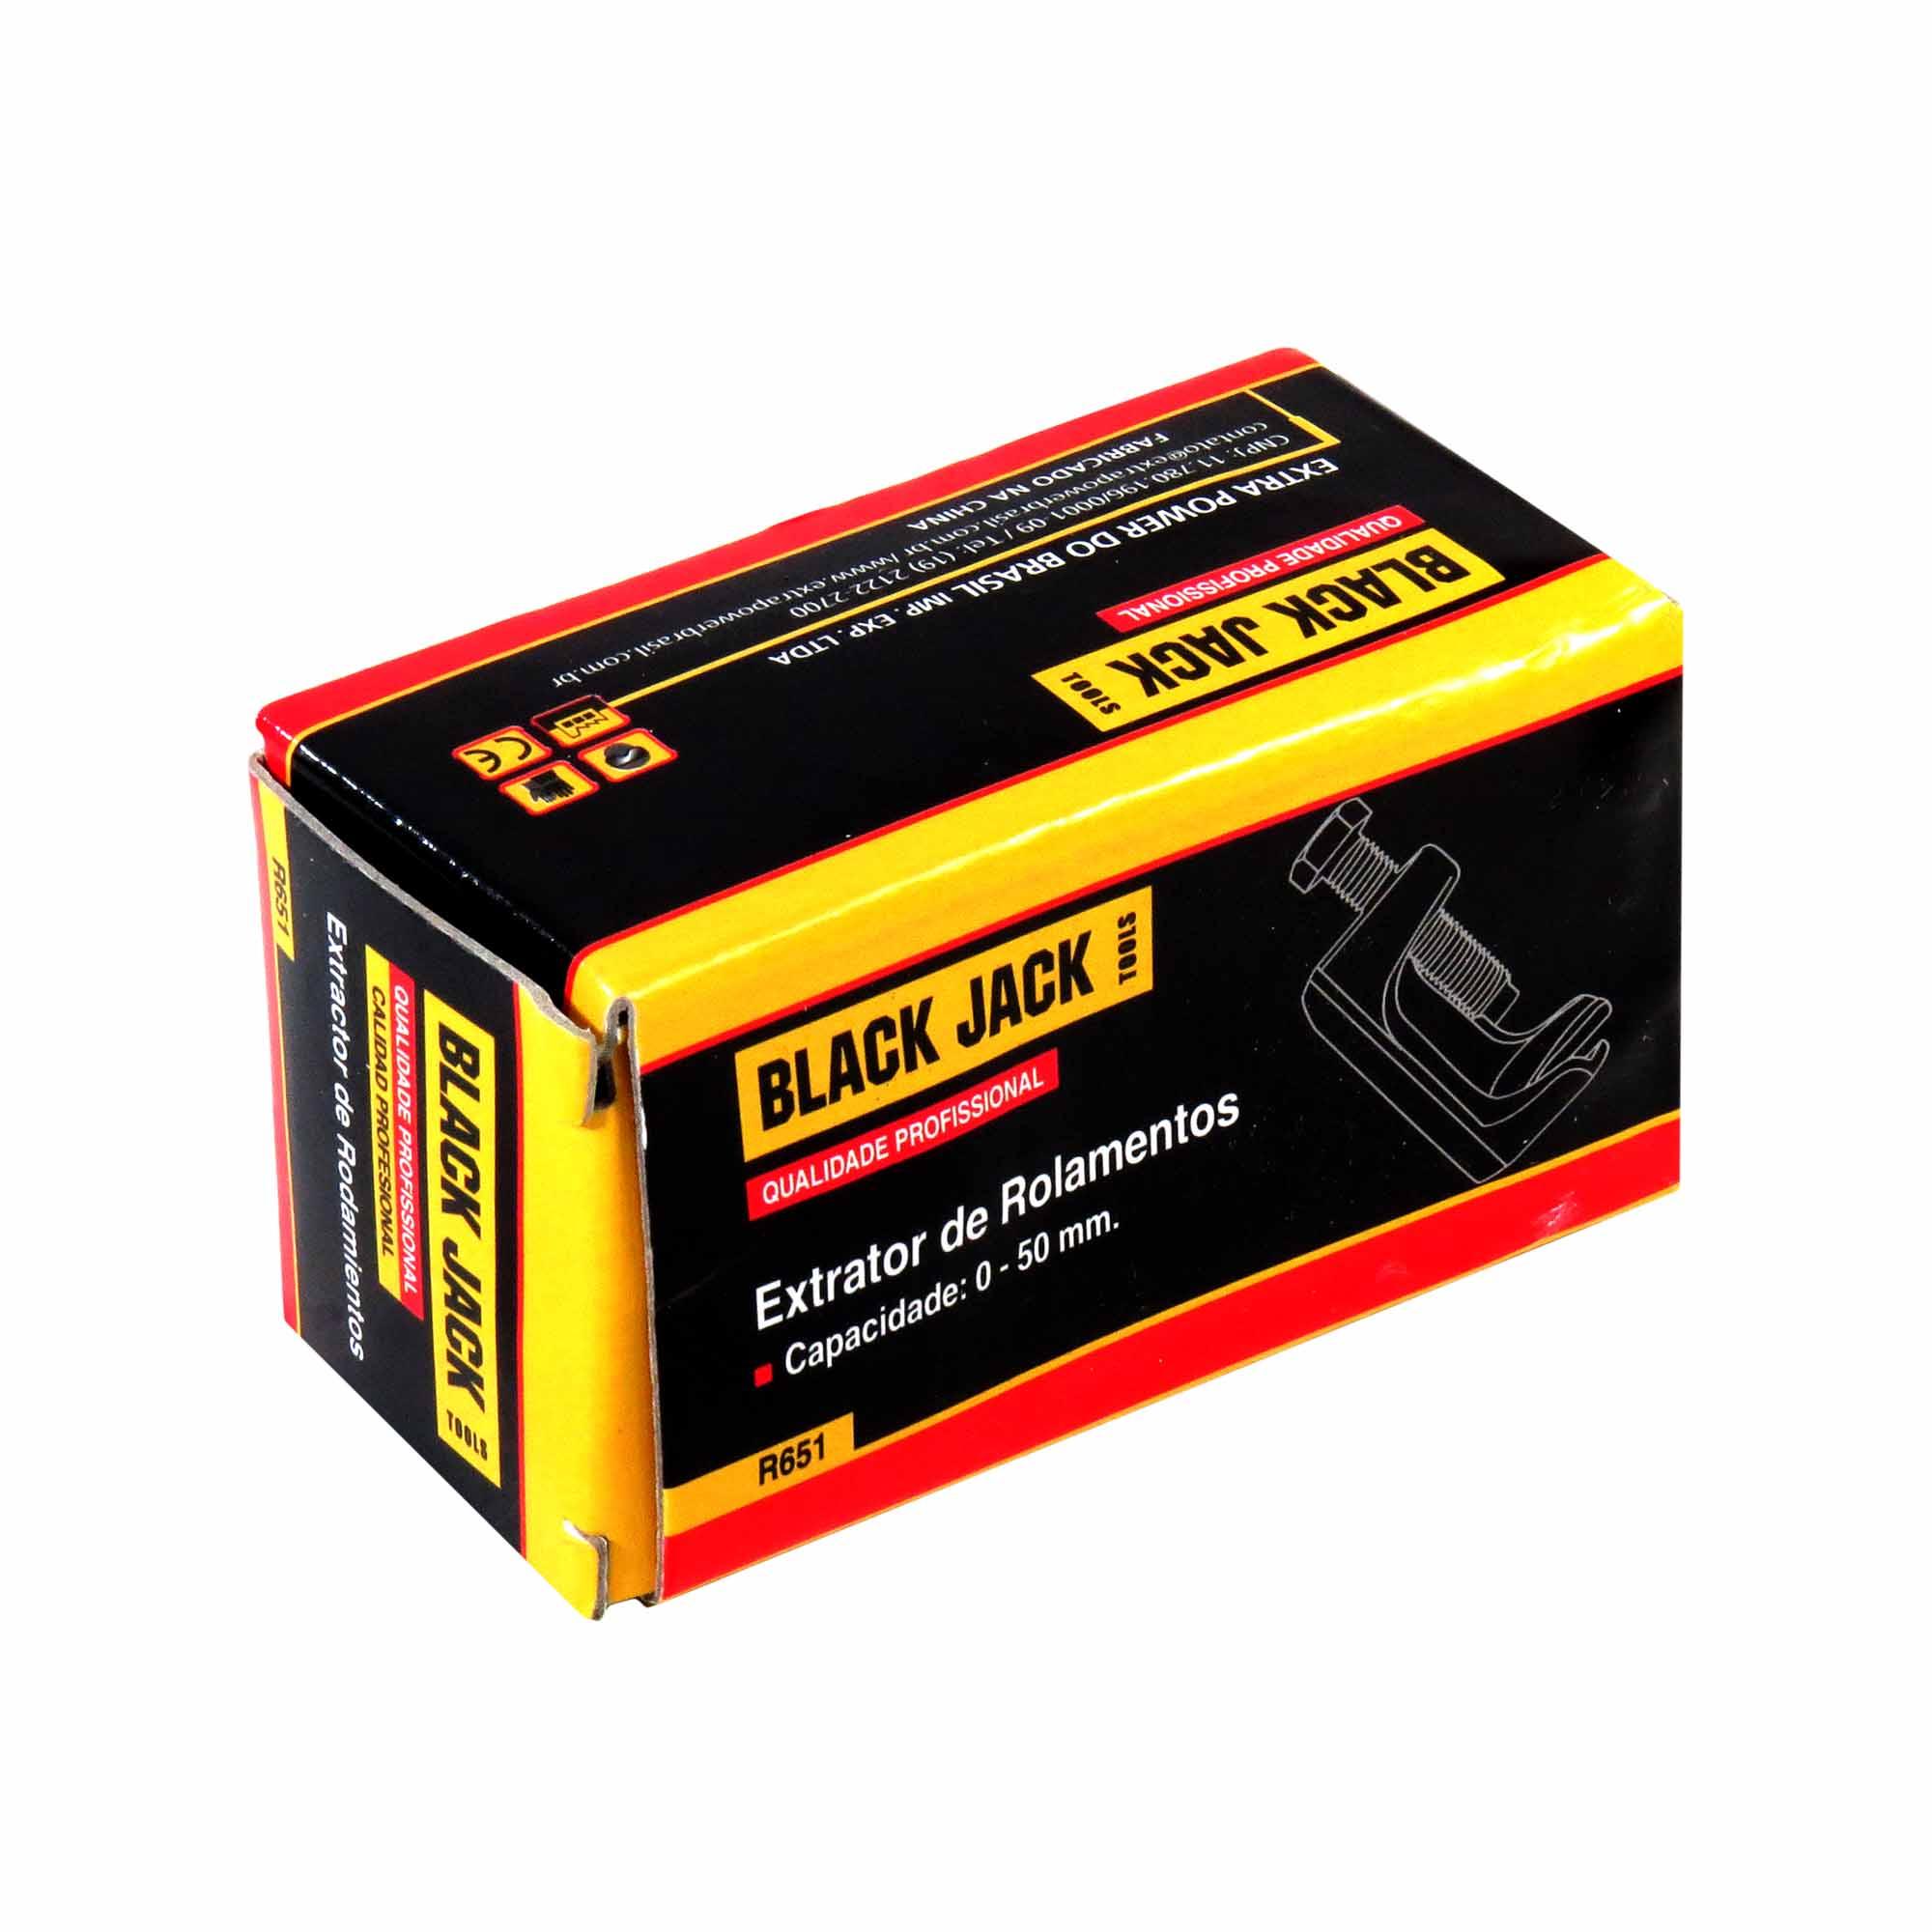 Extrator De Rolamento Capacidade De 0-50 mm Black Jack